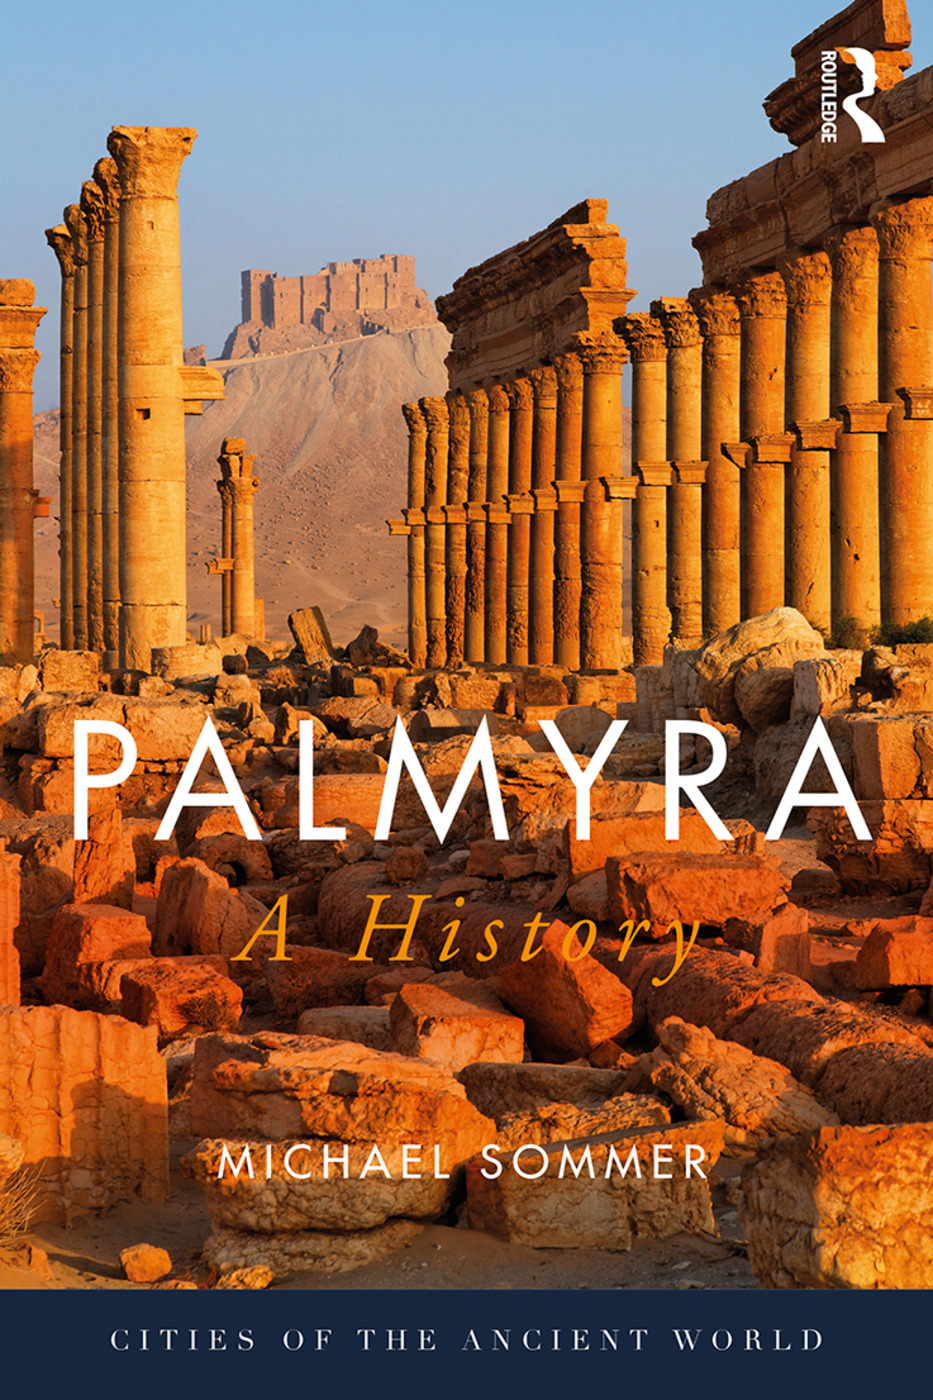 Palmyra: A History book cover